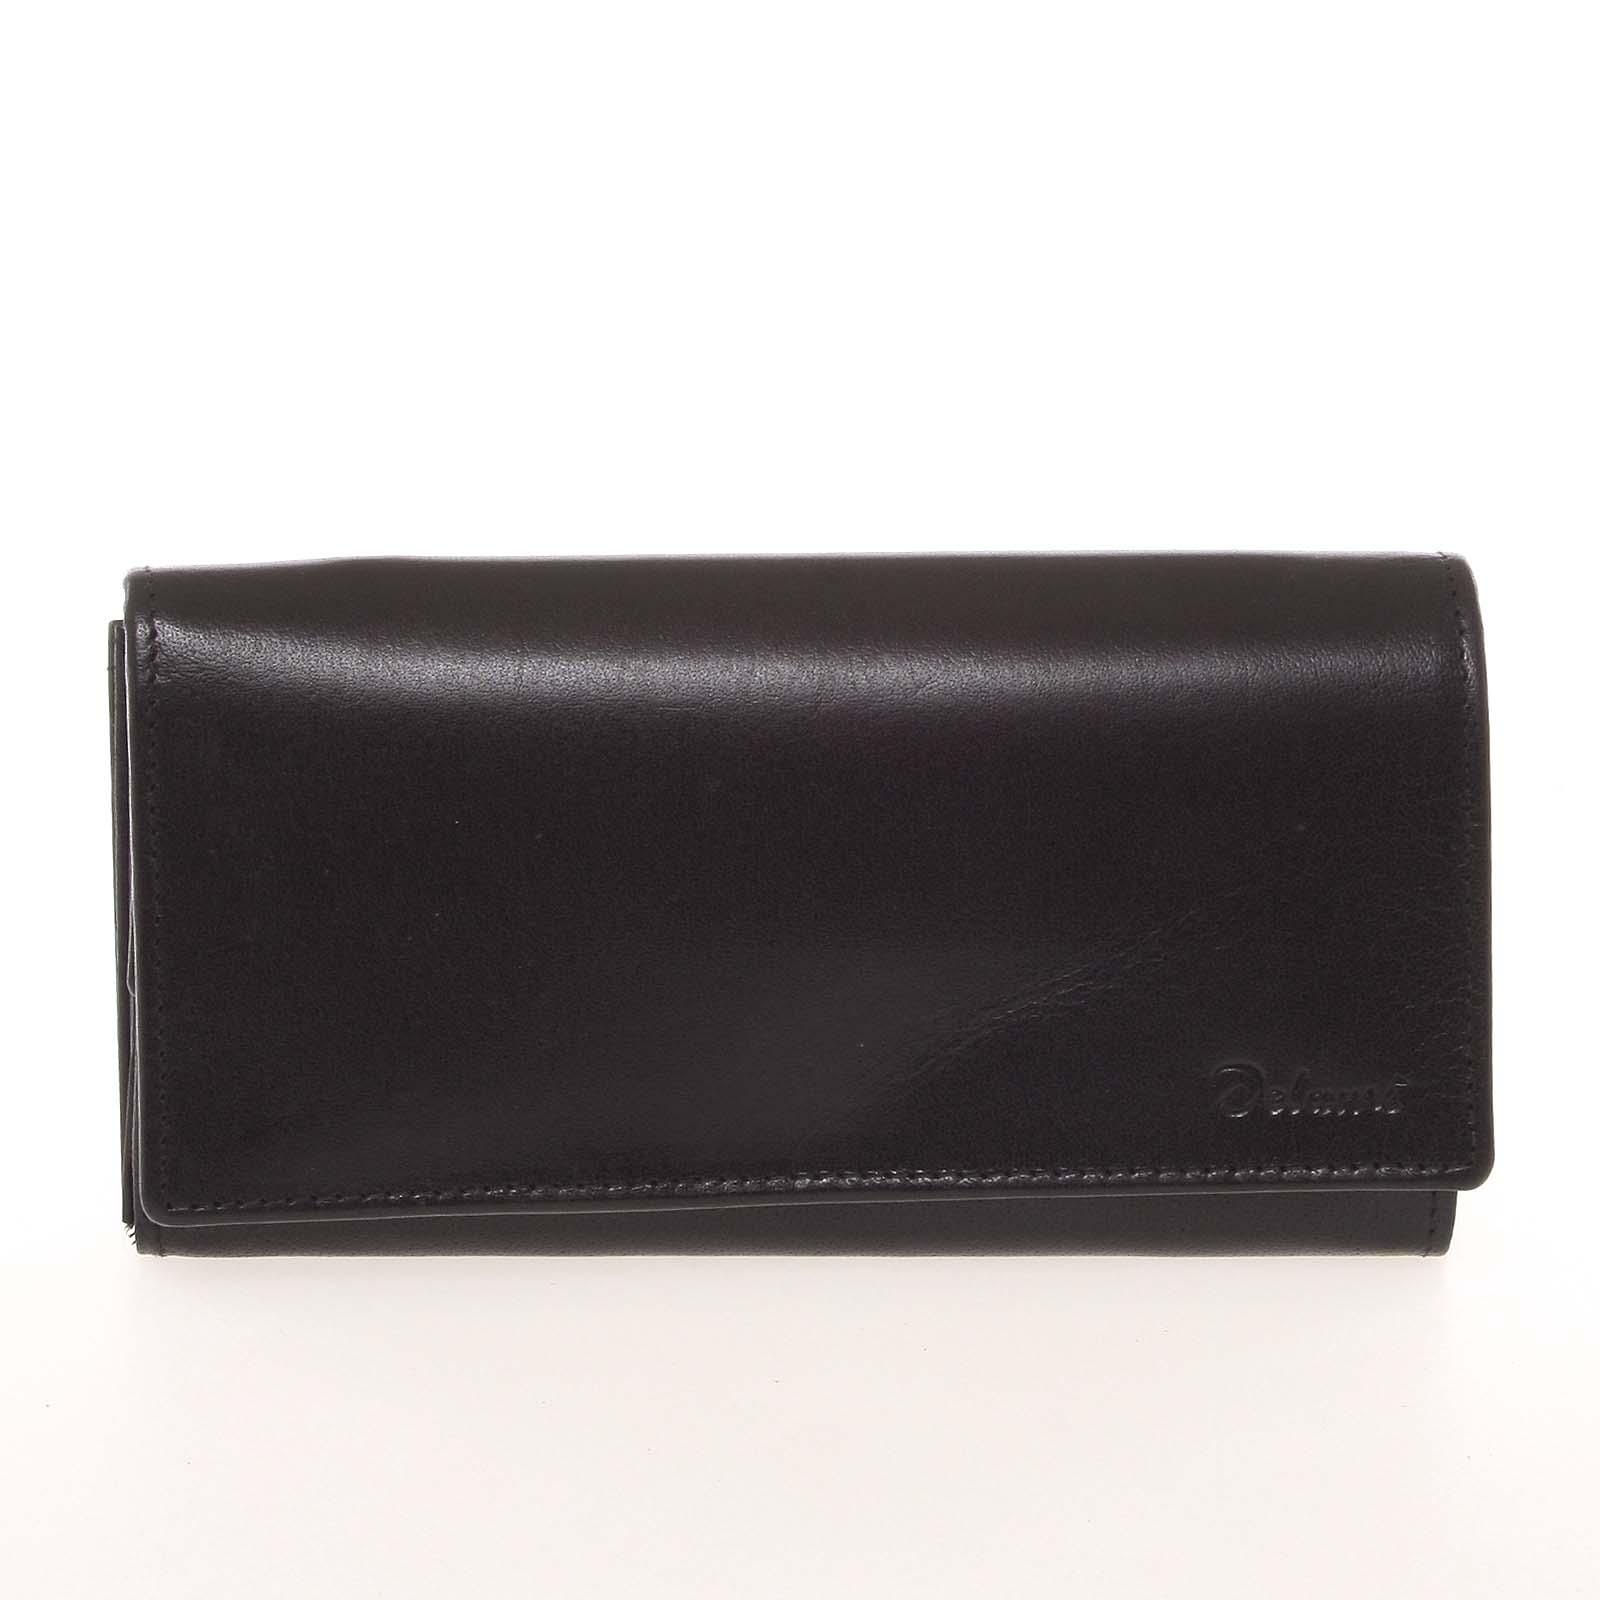 Kvalitní dámská kožená černá peněženka - Delami BAGL04104